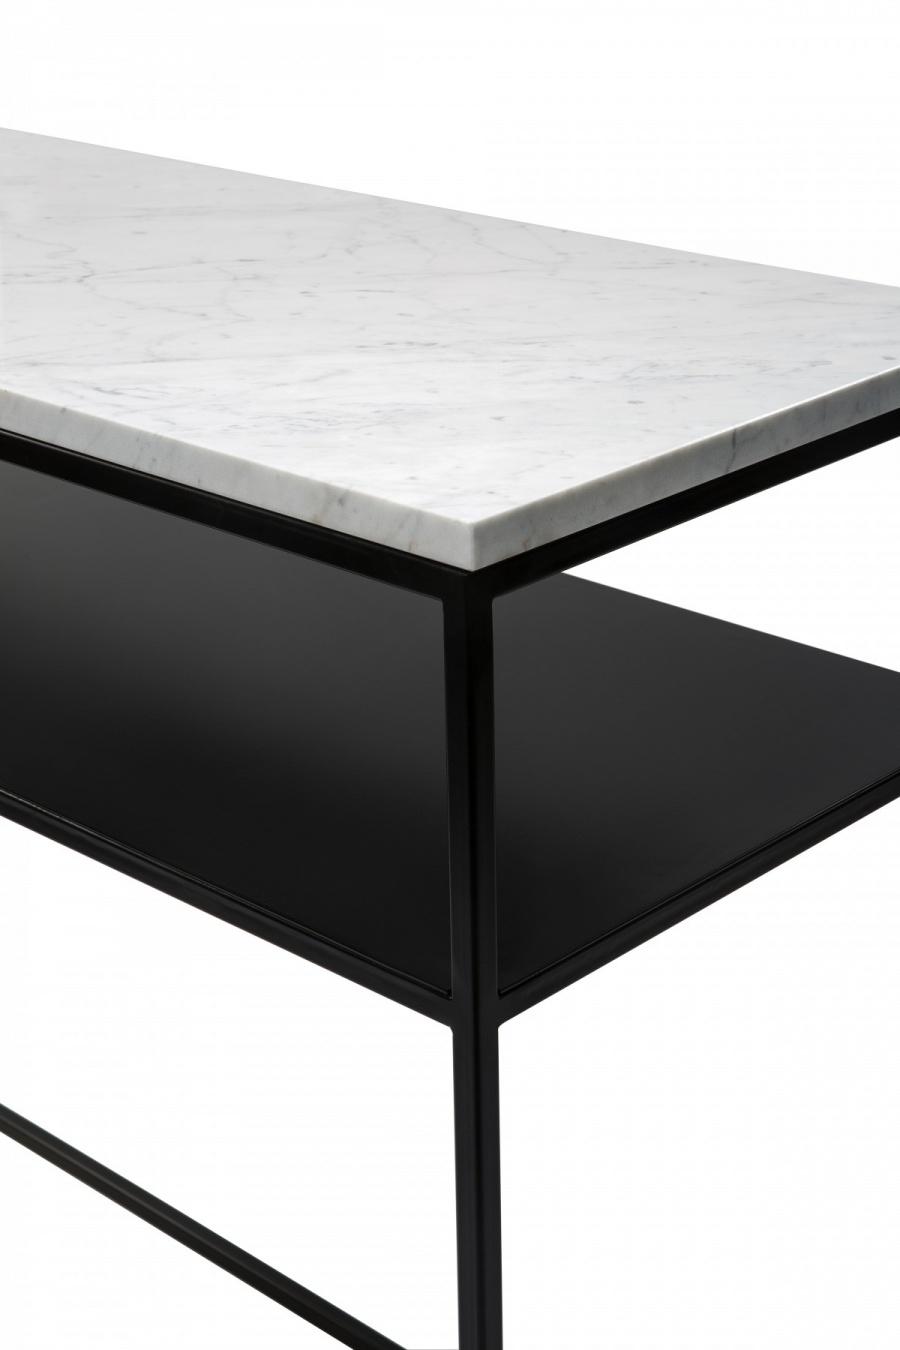 Ethnicraft - Consoletafels - Stone consoletafel